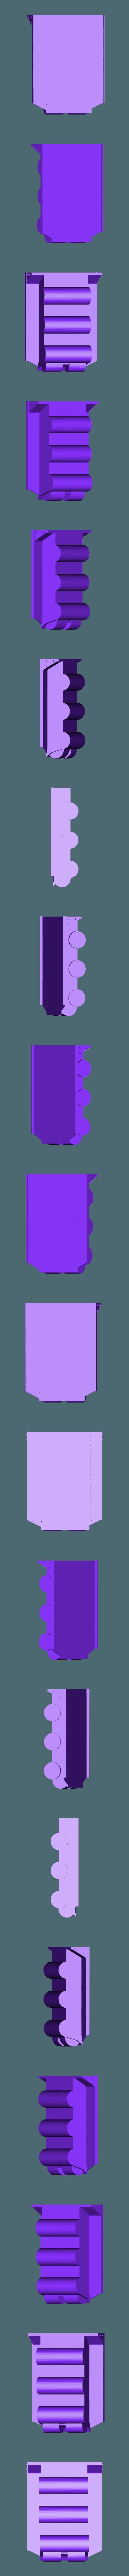 rear_hull.stl Télécharger fichier STL gratuit Demi-châssis de forteresse de combat mobile orque / orque • Design à imprimer en 3D, redstarkits